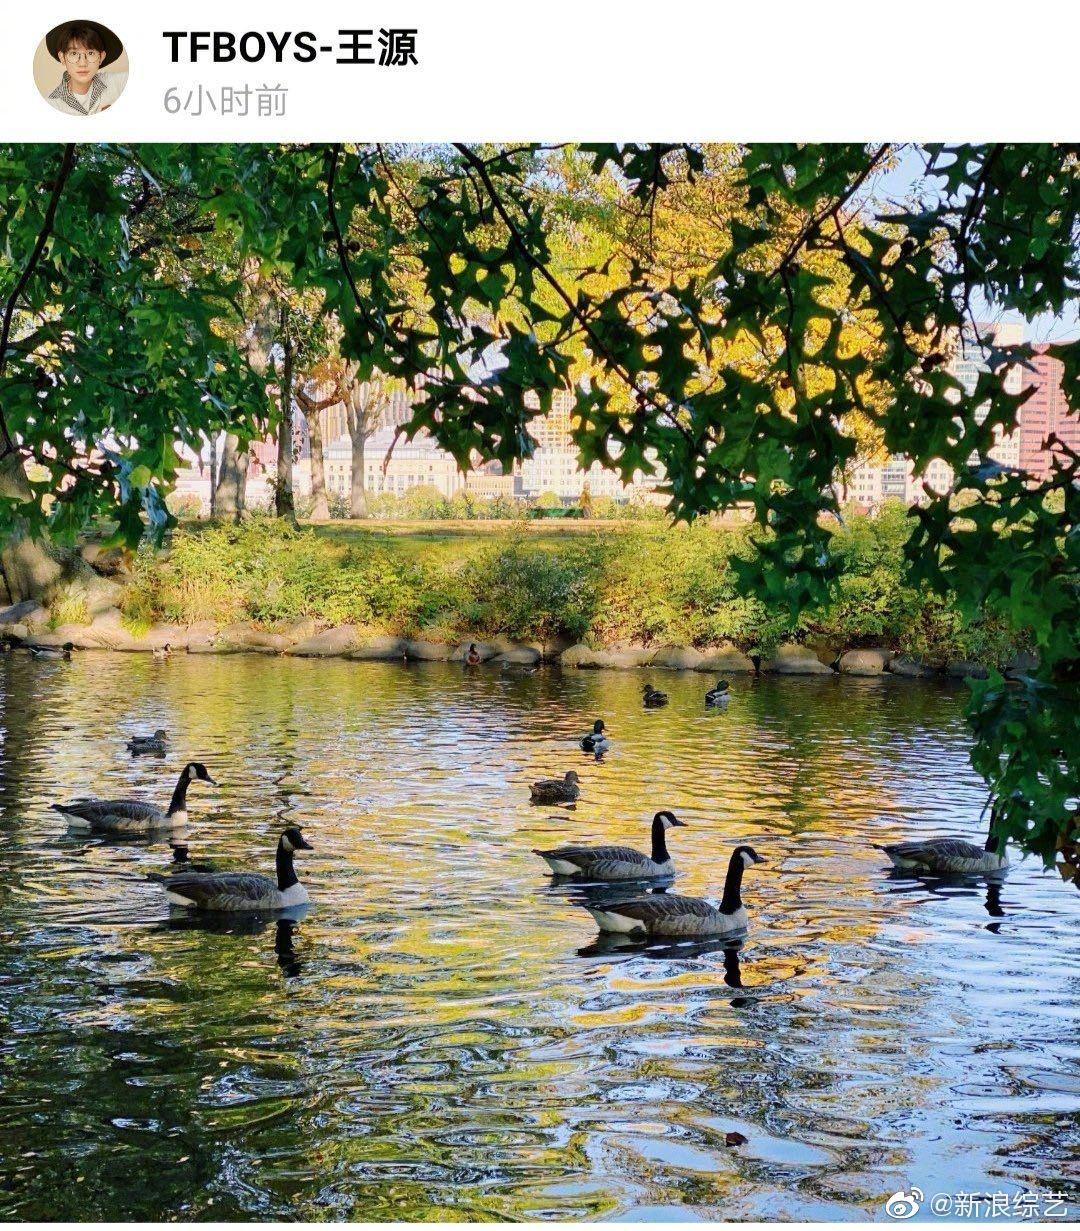 更新绿洲分享随手拍风景照,不料有粉丝发现照片上有加拿大鹅